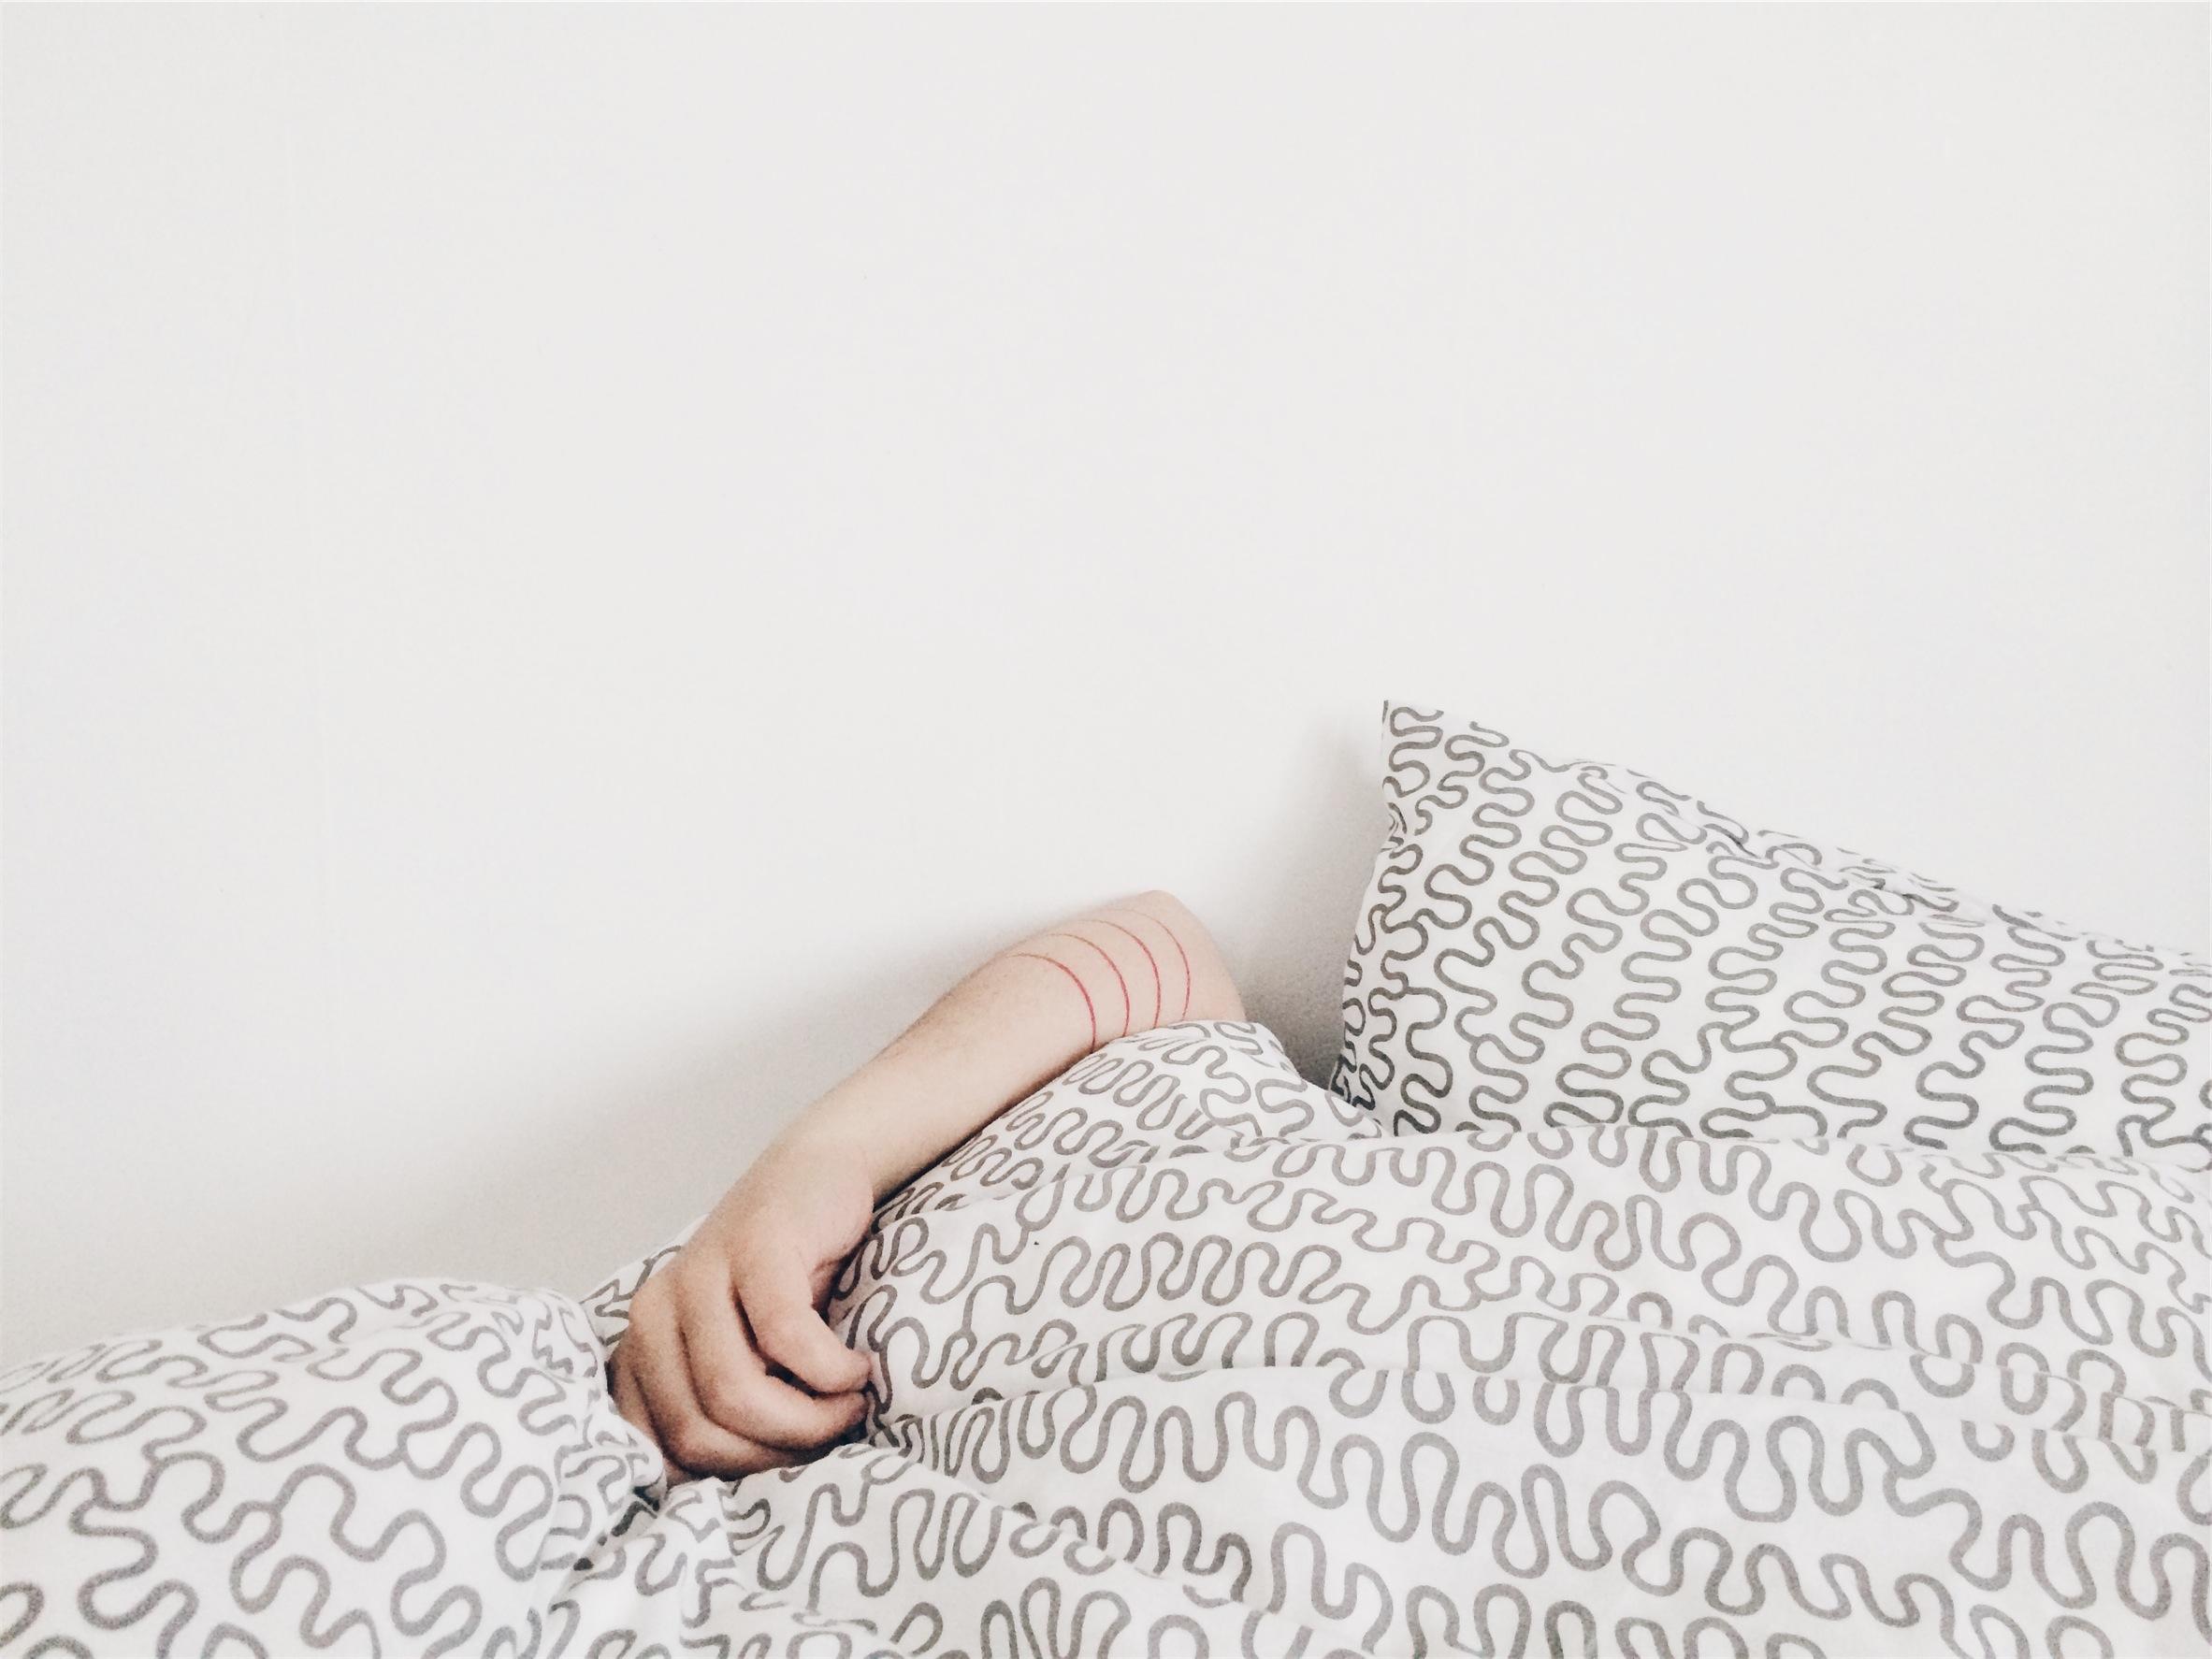 migraines_and_sleep_disorders.jpg